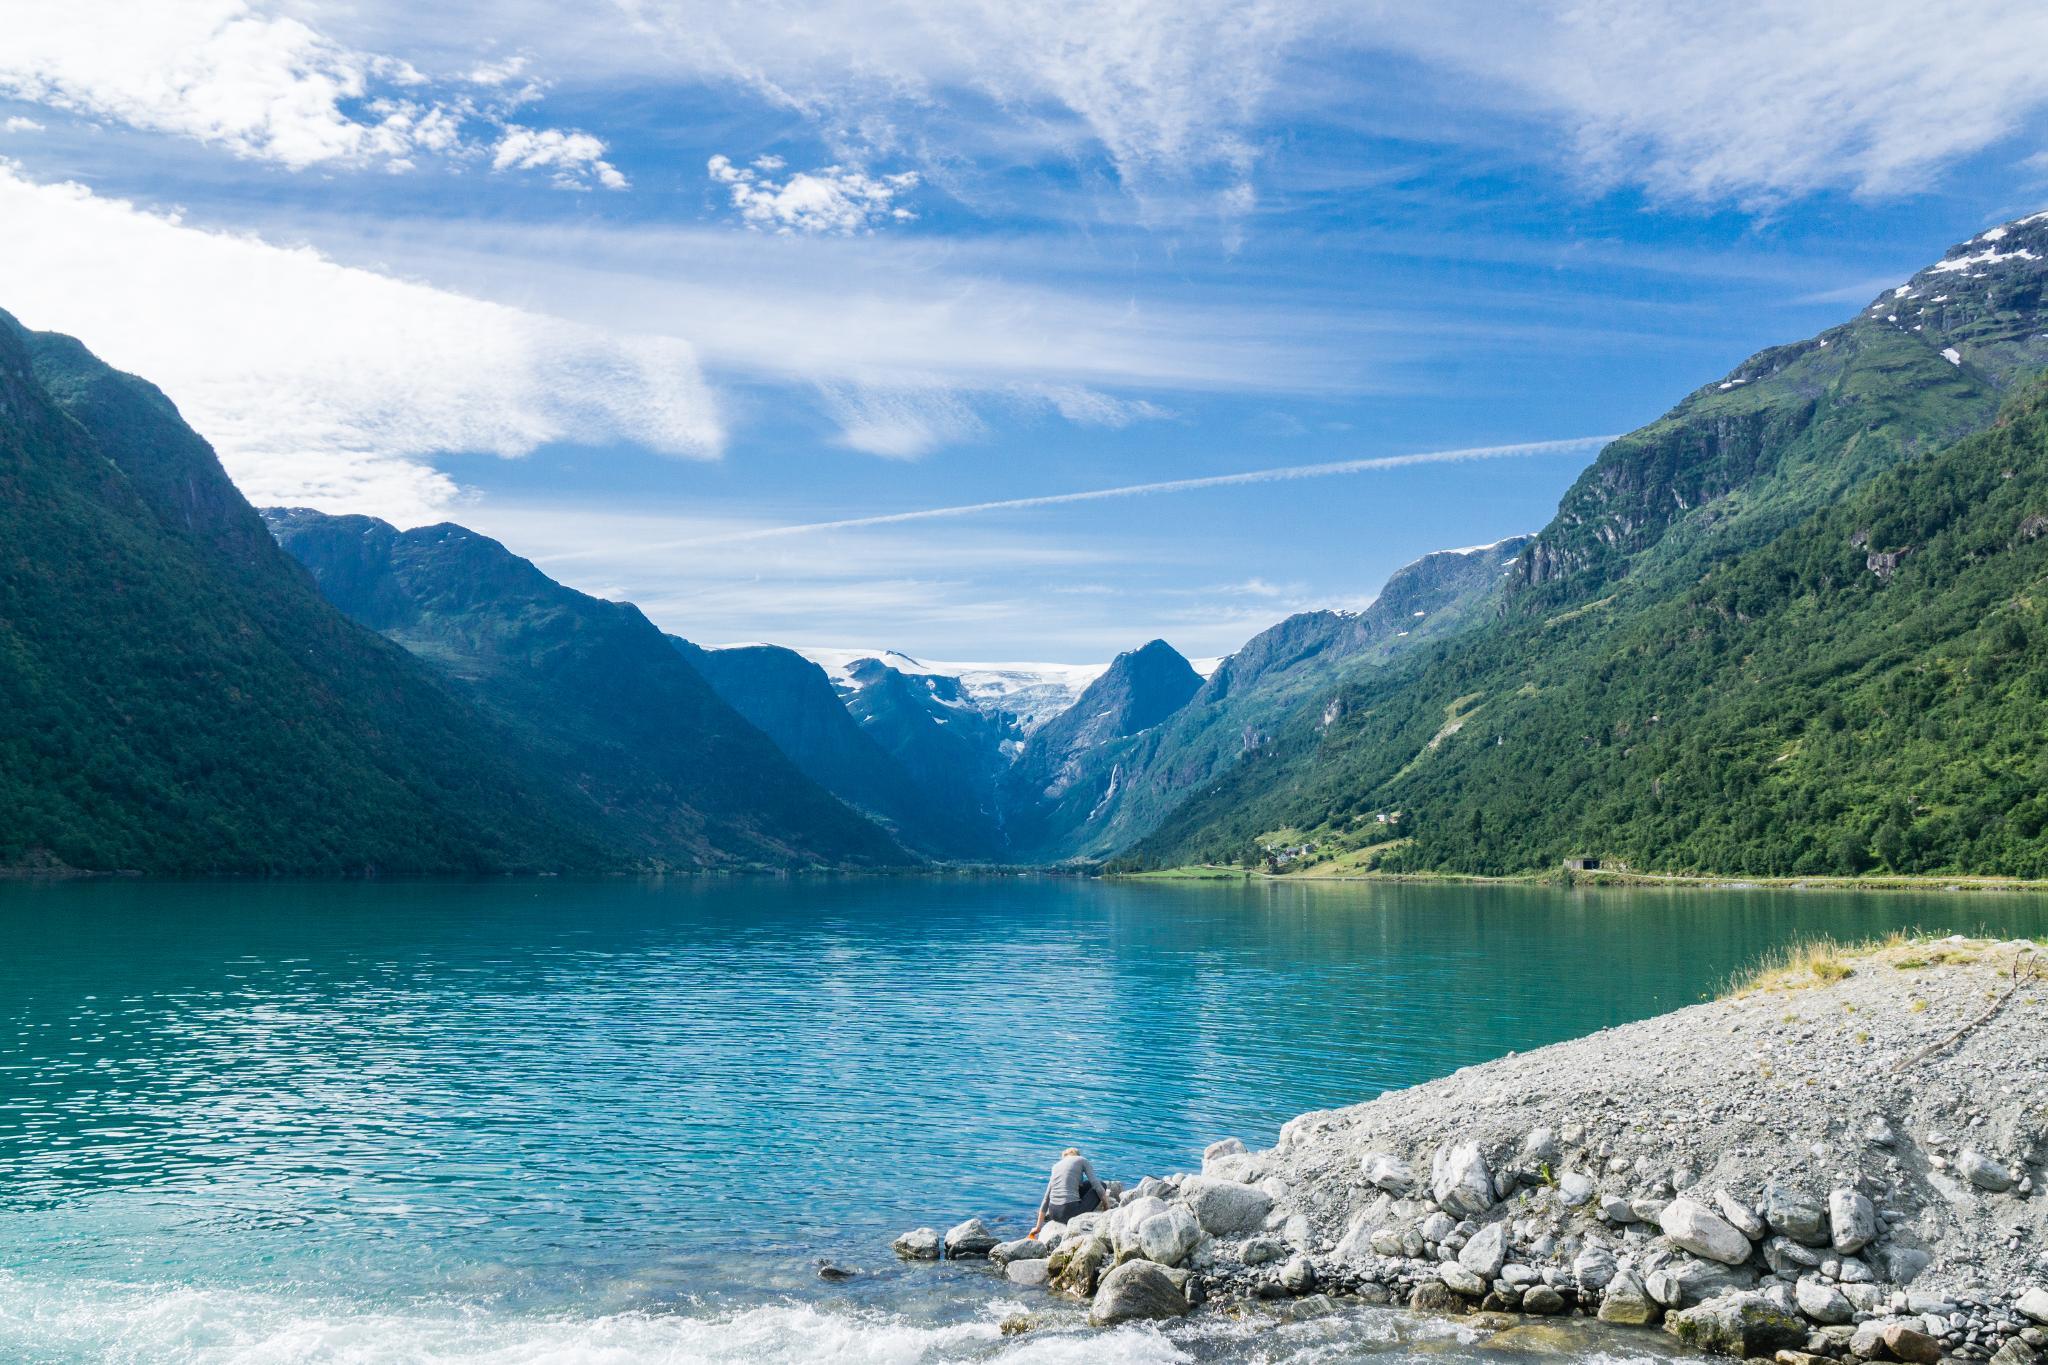 【北歐露營】擁抱Briksdal Glacier的怦然心動 - 在冰河最前緣露營的Gryta Camping 8